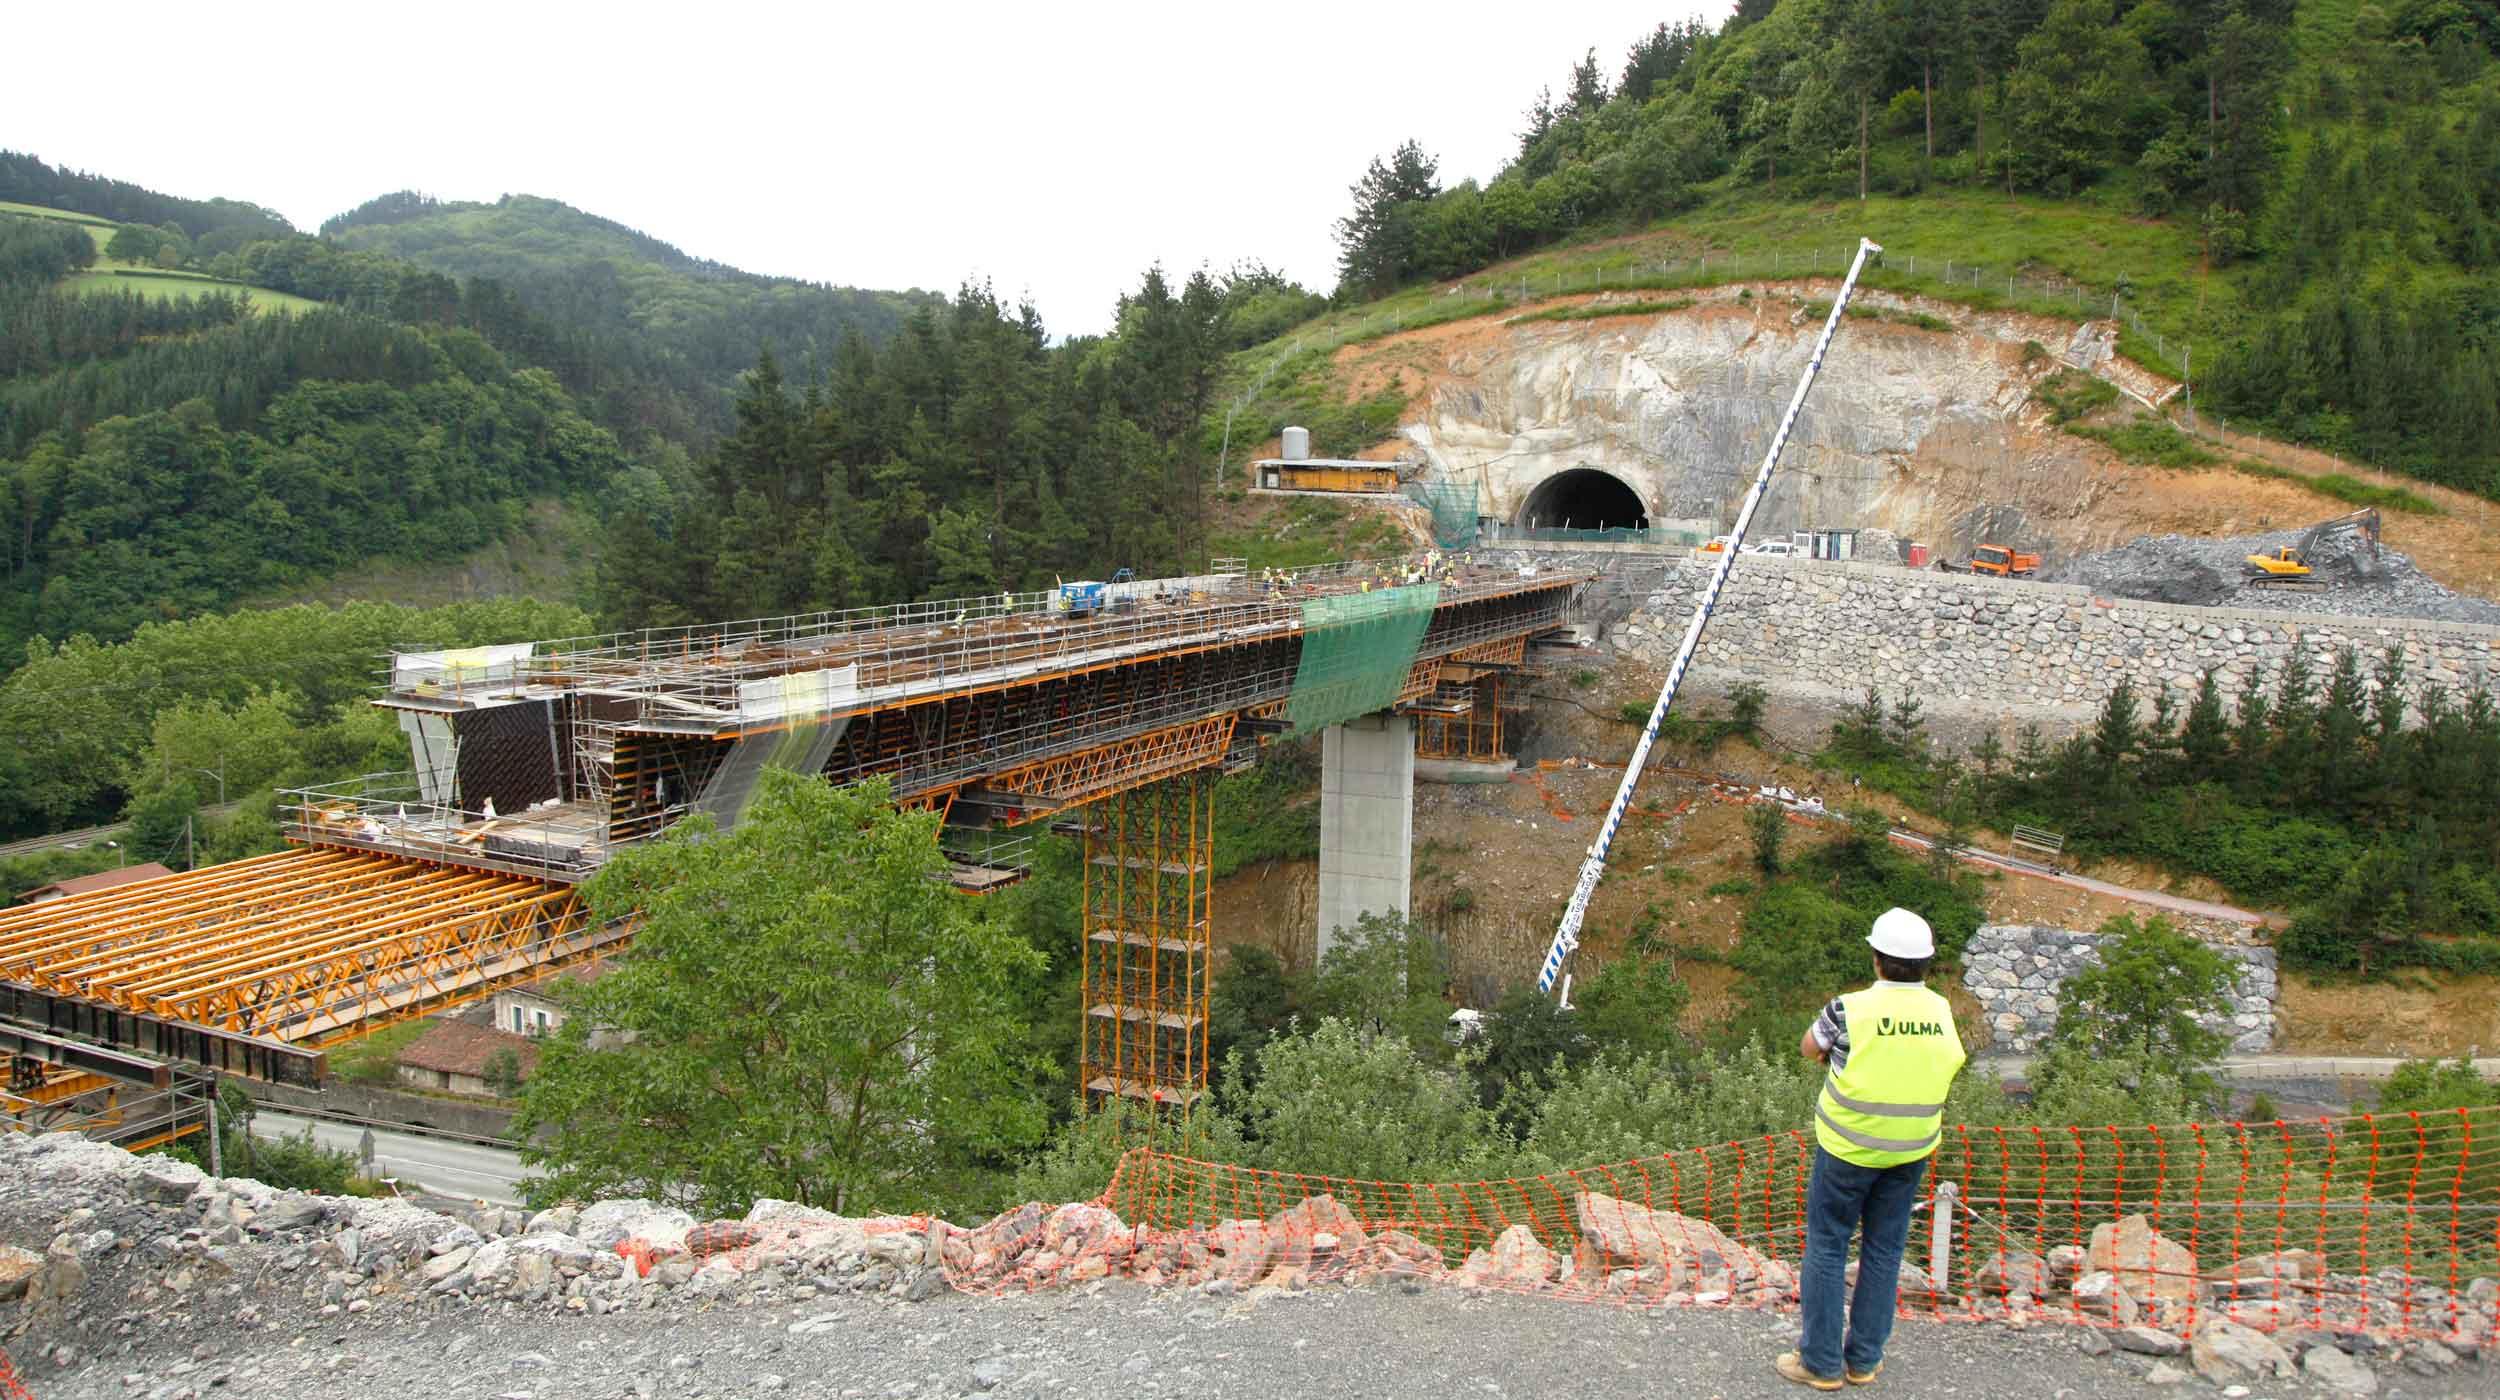 Los trabajos en el tramo Tolosa-Hernialde suponen el octavo ramal en obras de la Y Vasca.